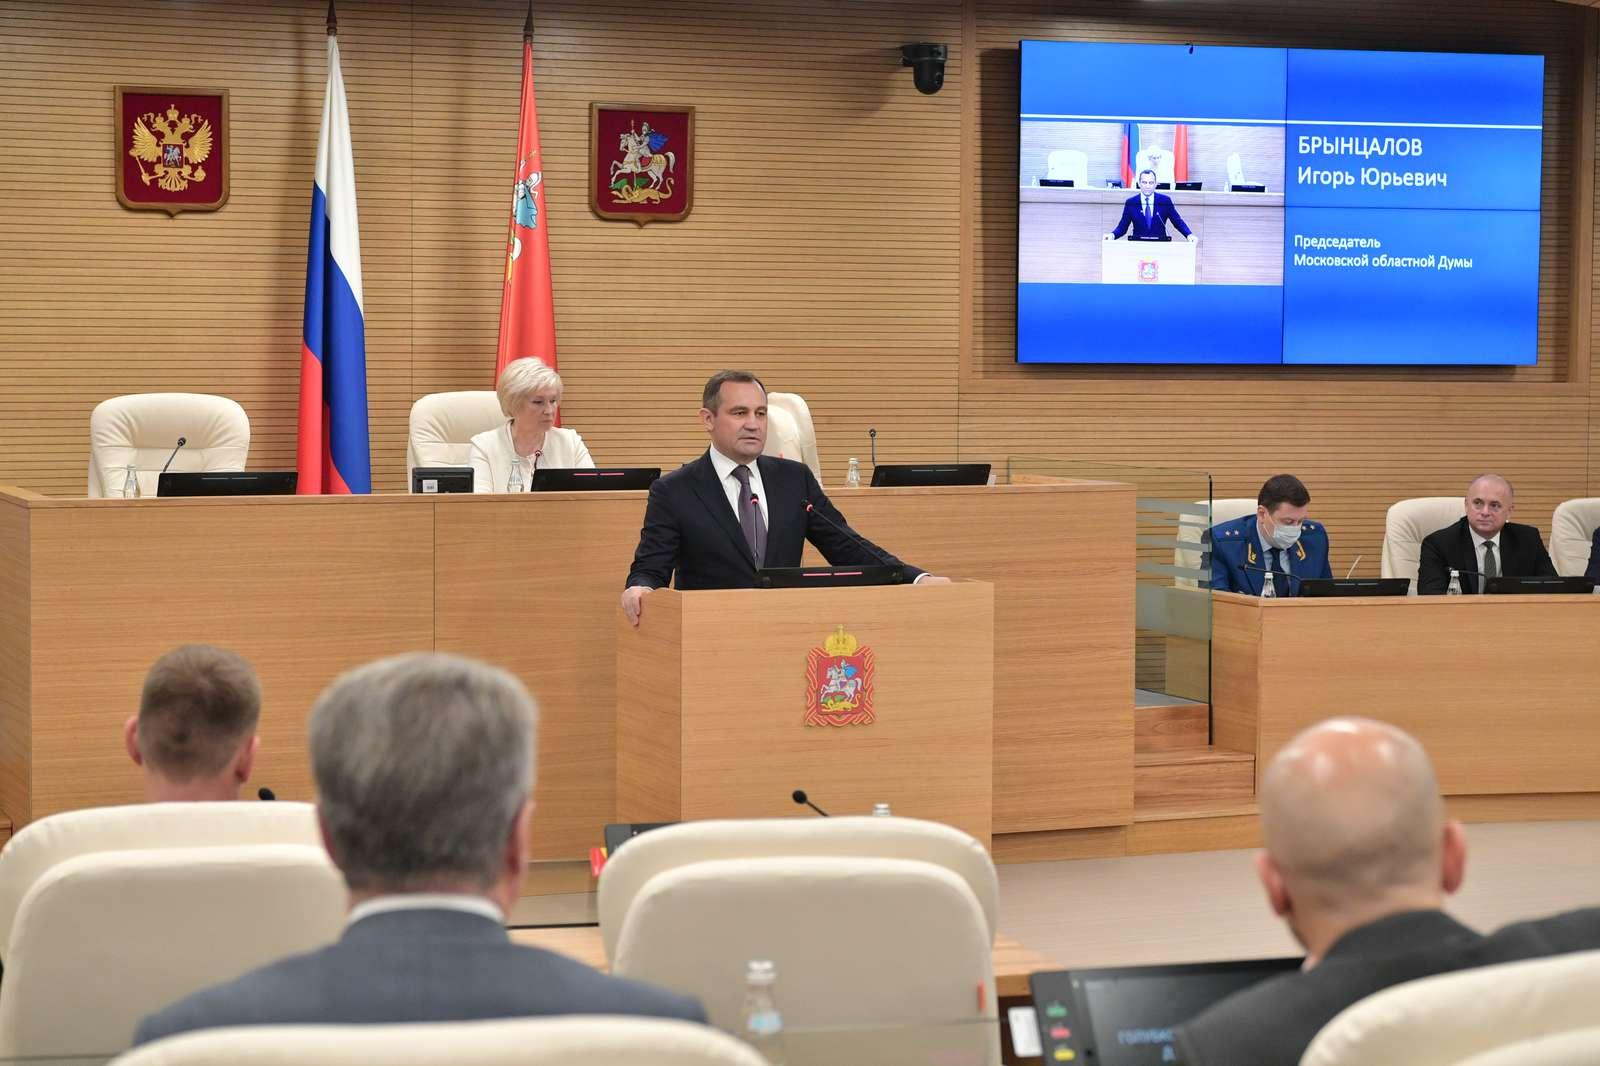 Председателем Мособлдумы нового созыва стал Игорь Брынцалов | Изображение 1